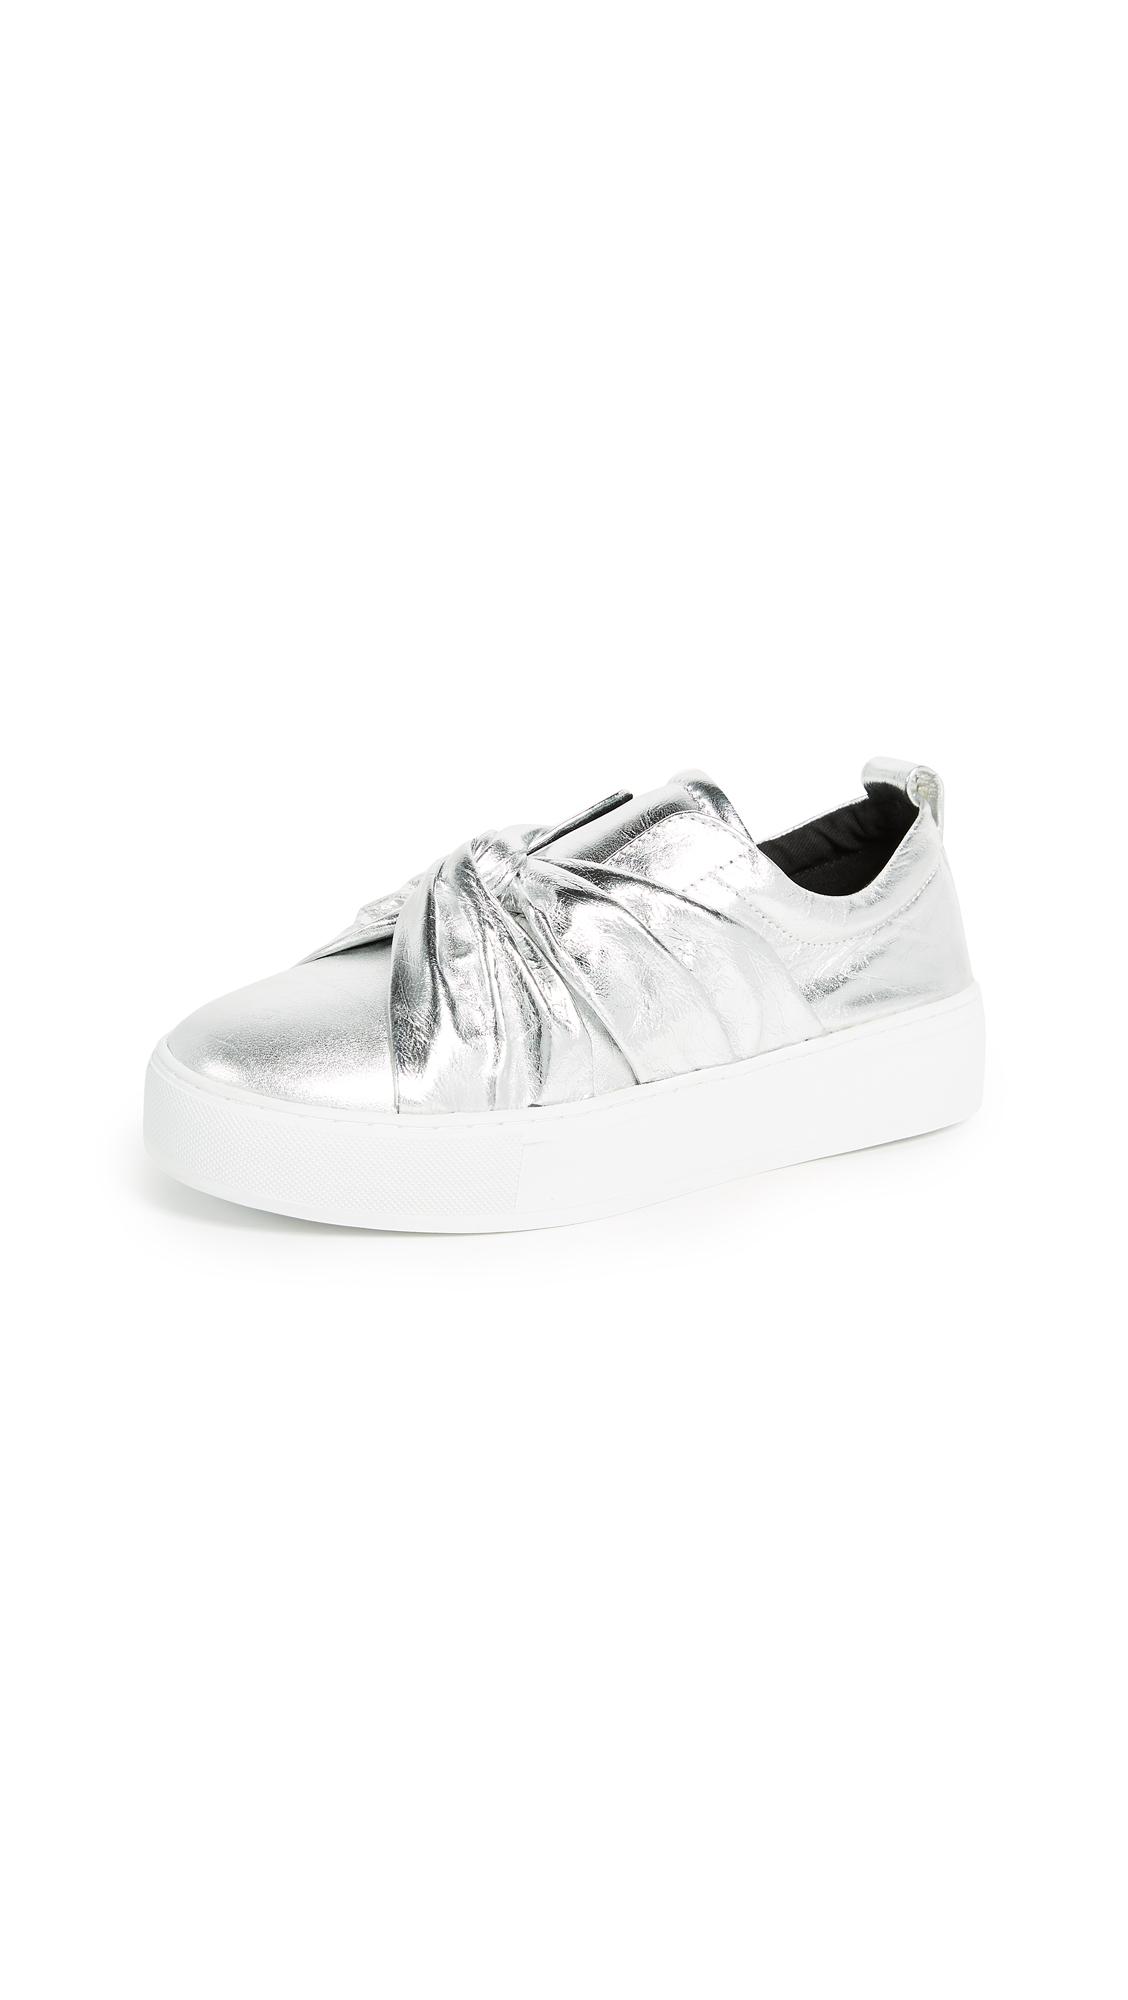 Rebecca Minkoff Nicole Knot Sneakers - Silver